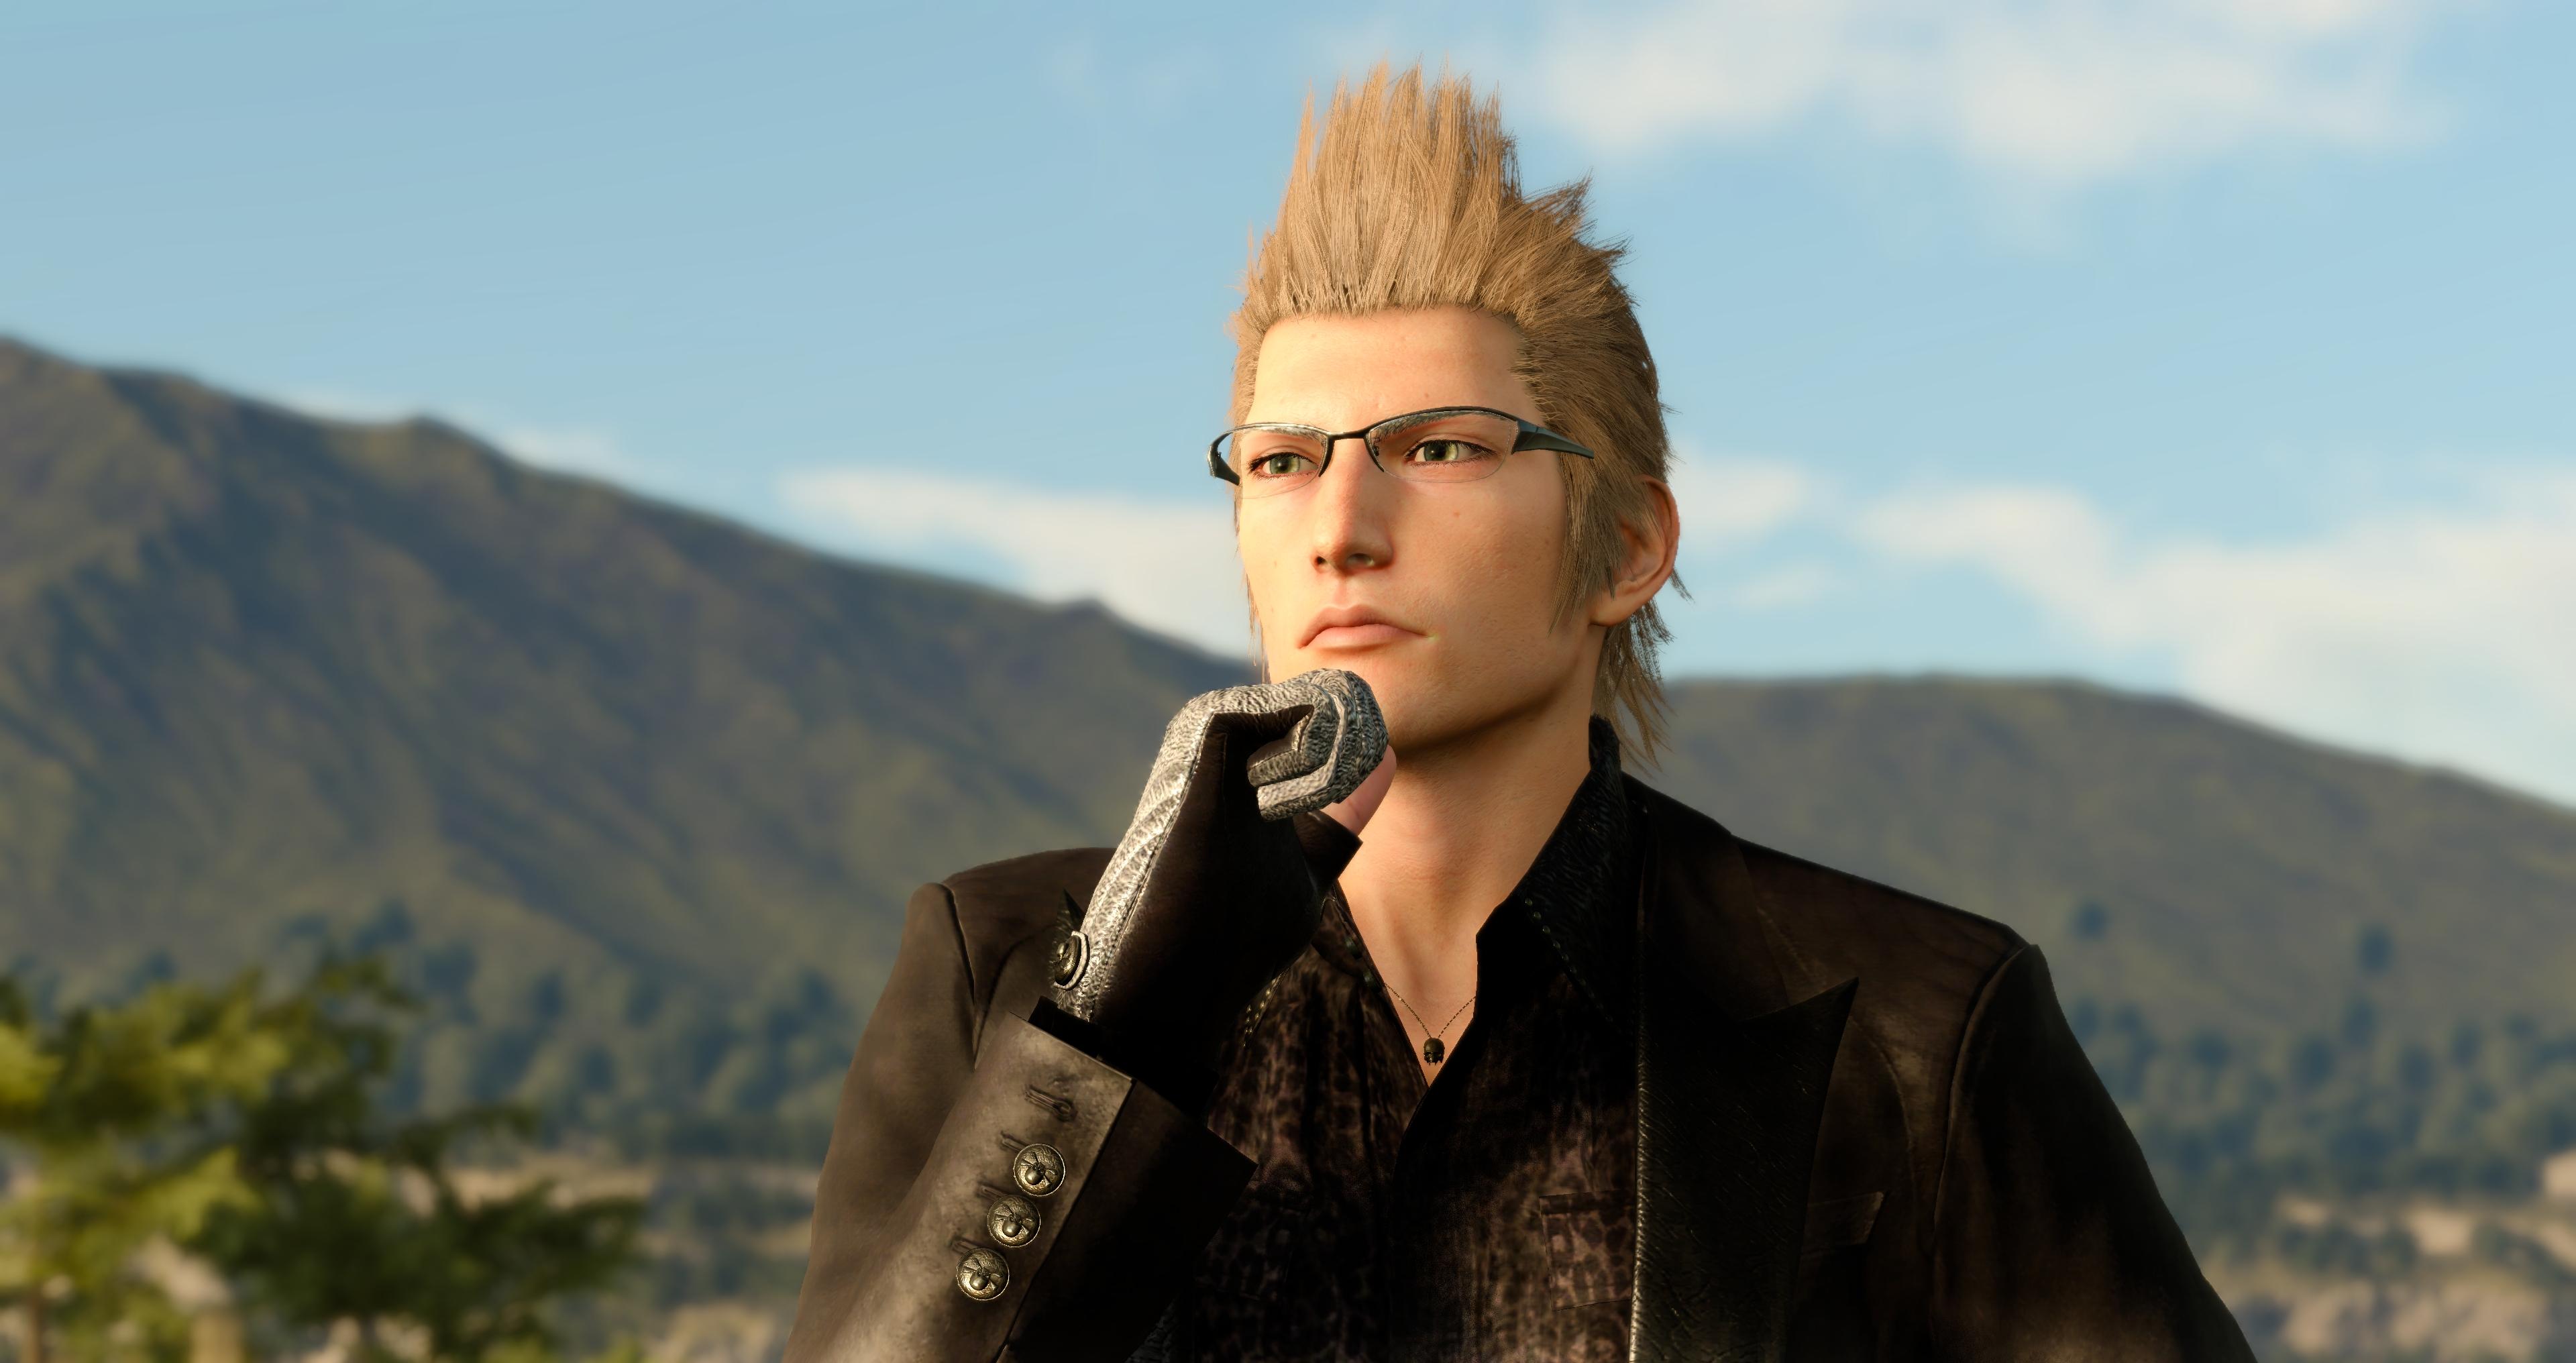 Final Fantasy XV Windows Edition Ignis Scientia by SNColors